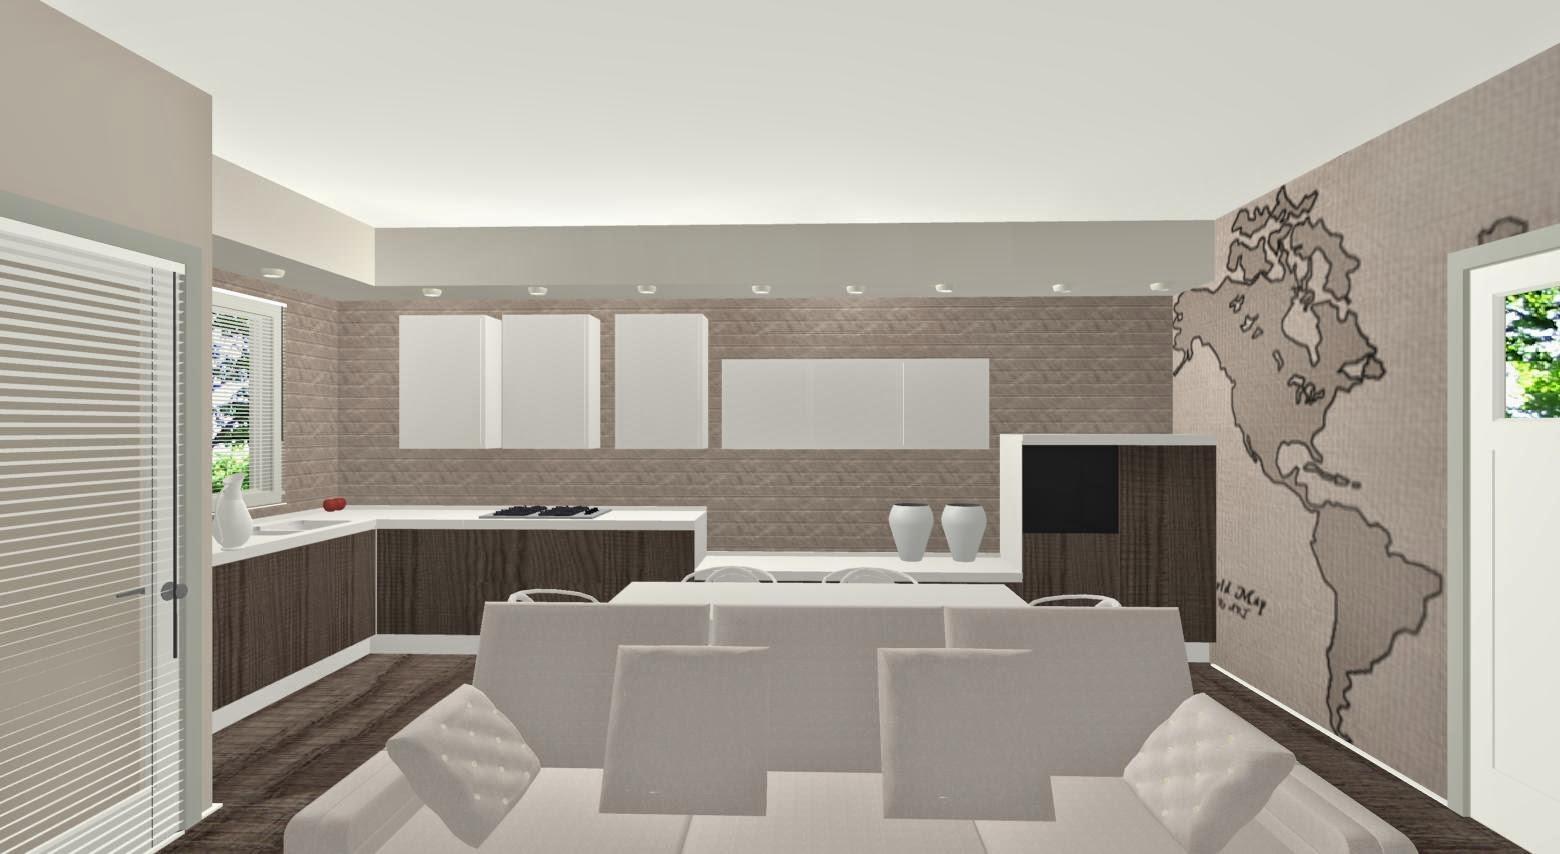 parete divisoria cucina soggiorno. bbeaeafoto pensilina jpg ... - Soluzioni Divisorie Cucina Soggiorno 2